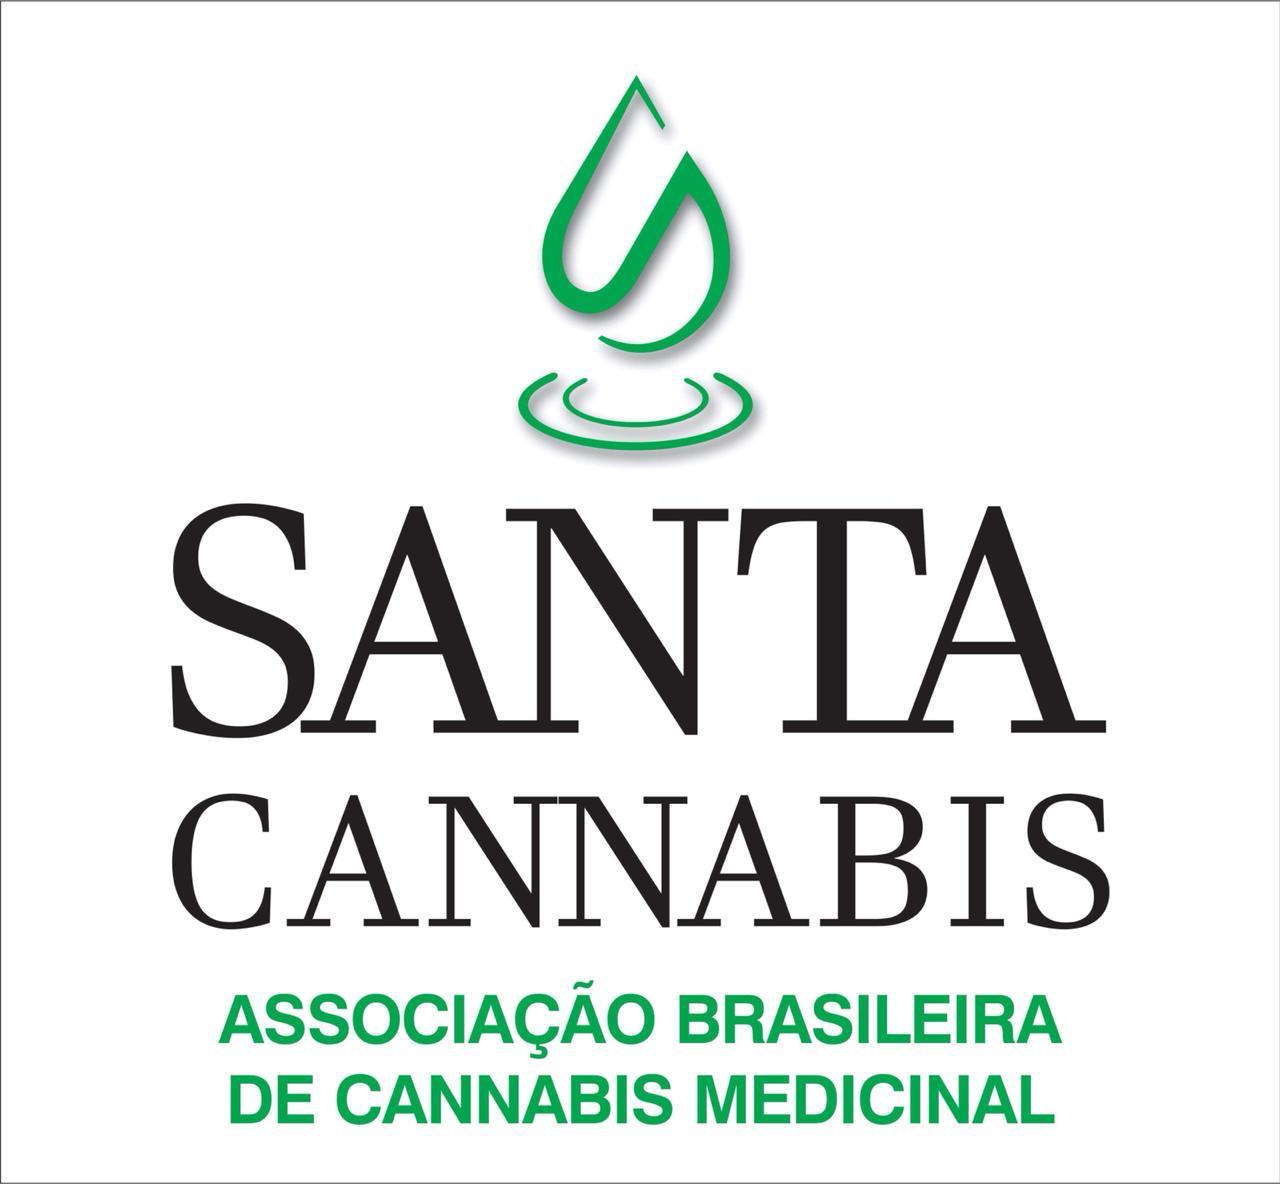 SANTA CANNABIS- Associação Brasileira de Cannabis Medicinal